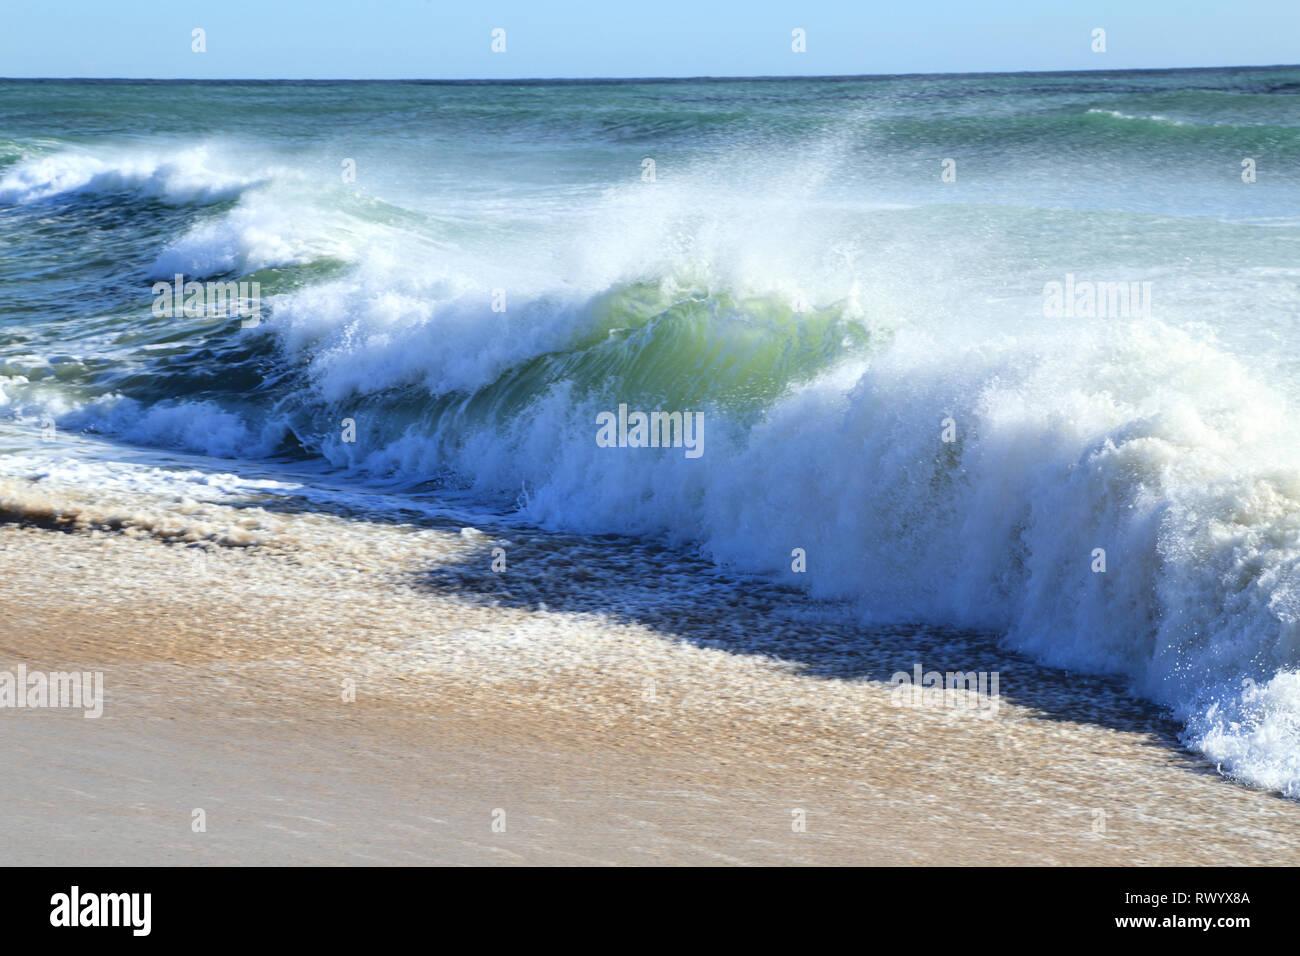 Brechende Welle im Mittelmeer Stockbild